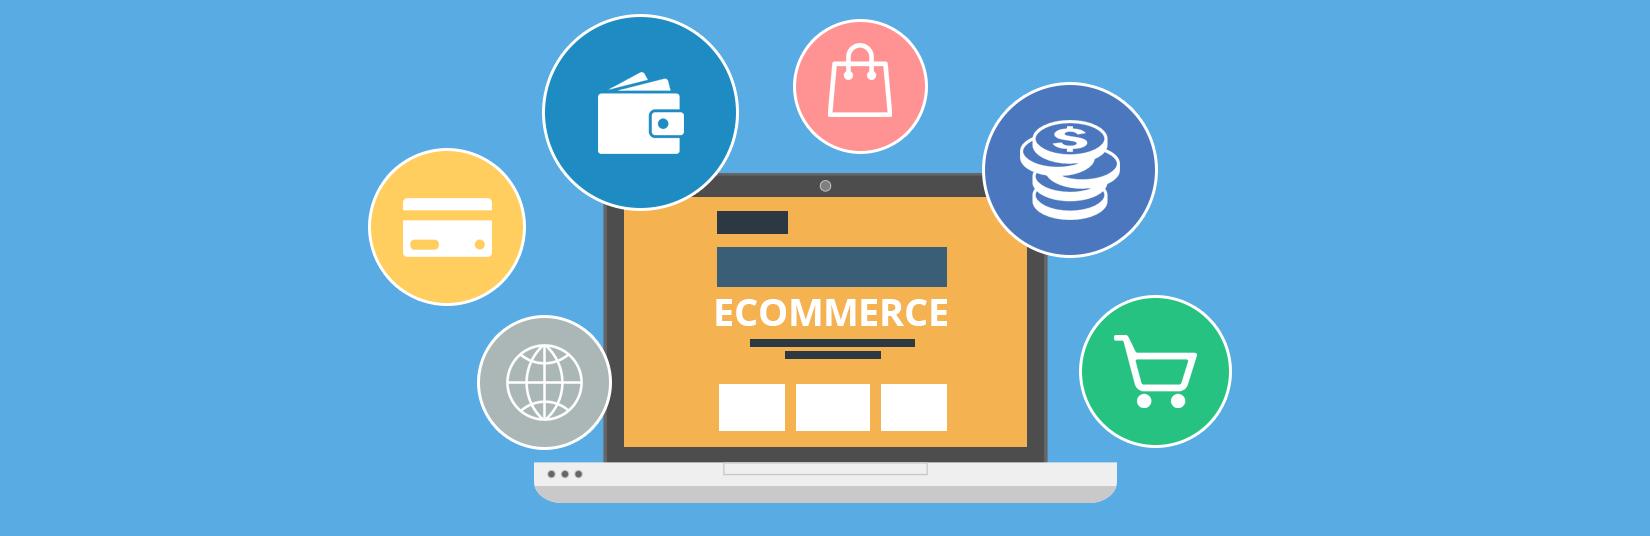 16 fondamentaux pour réussir ses fiches produits e-commerce 32